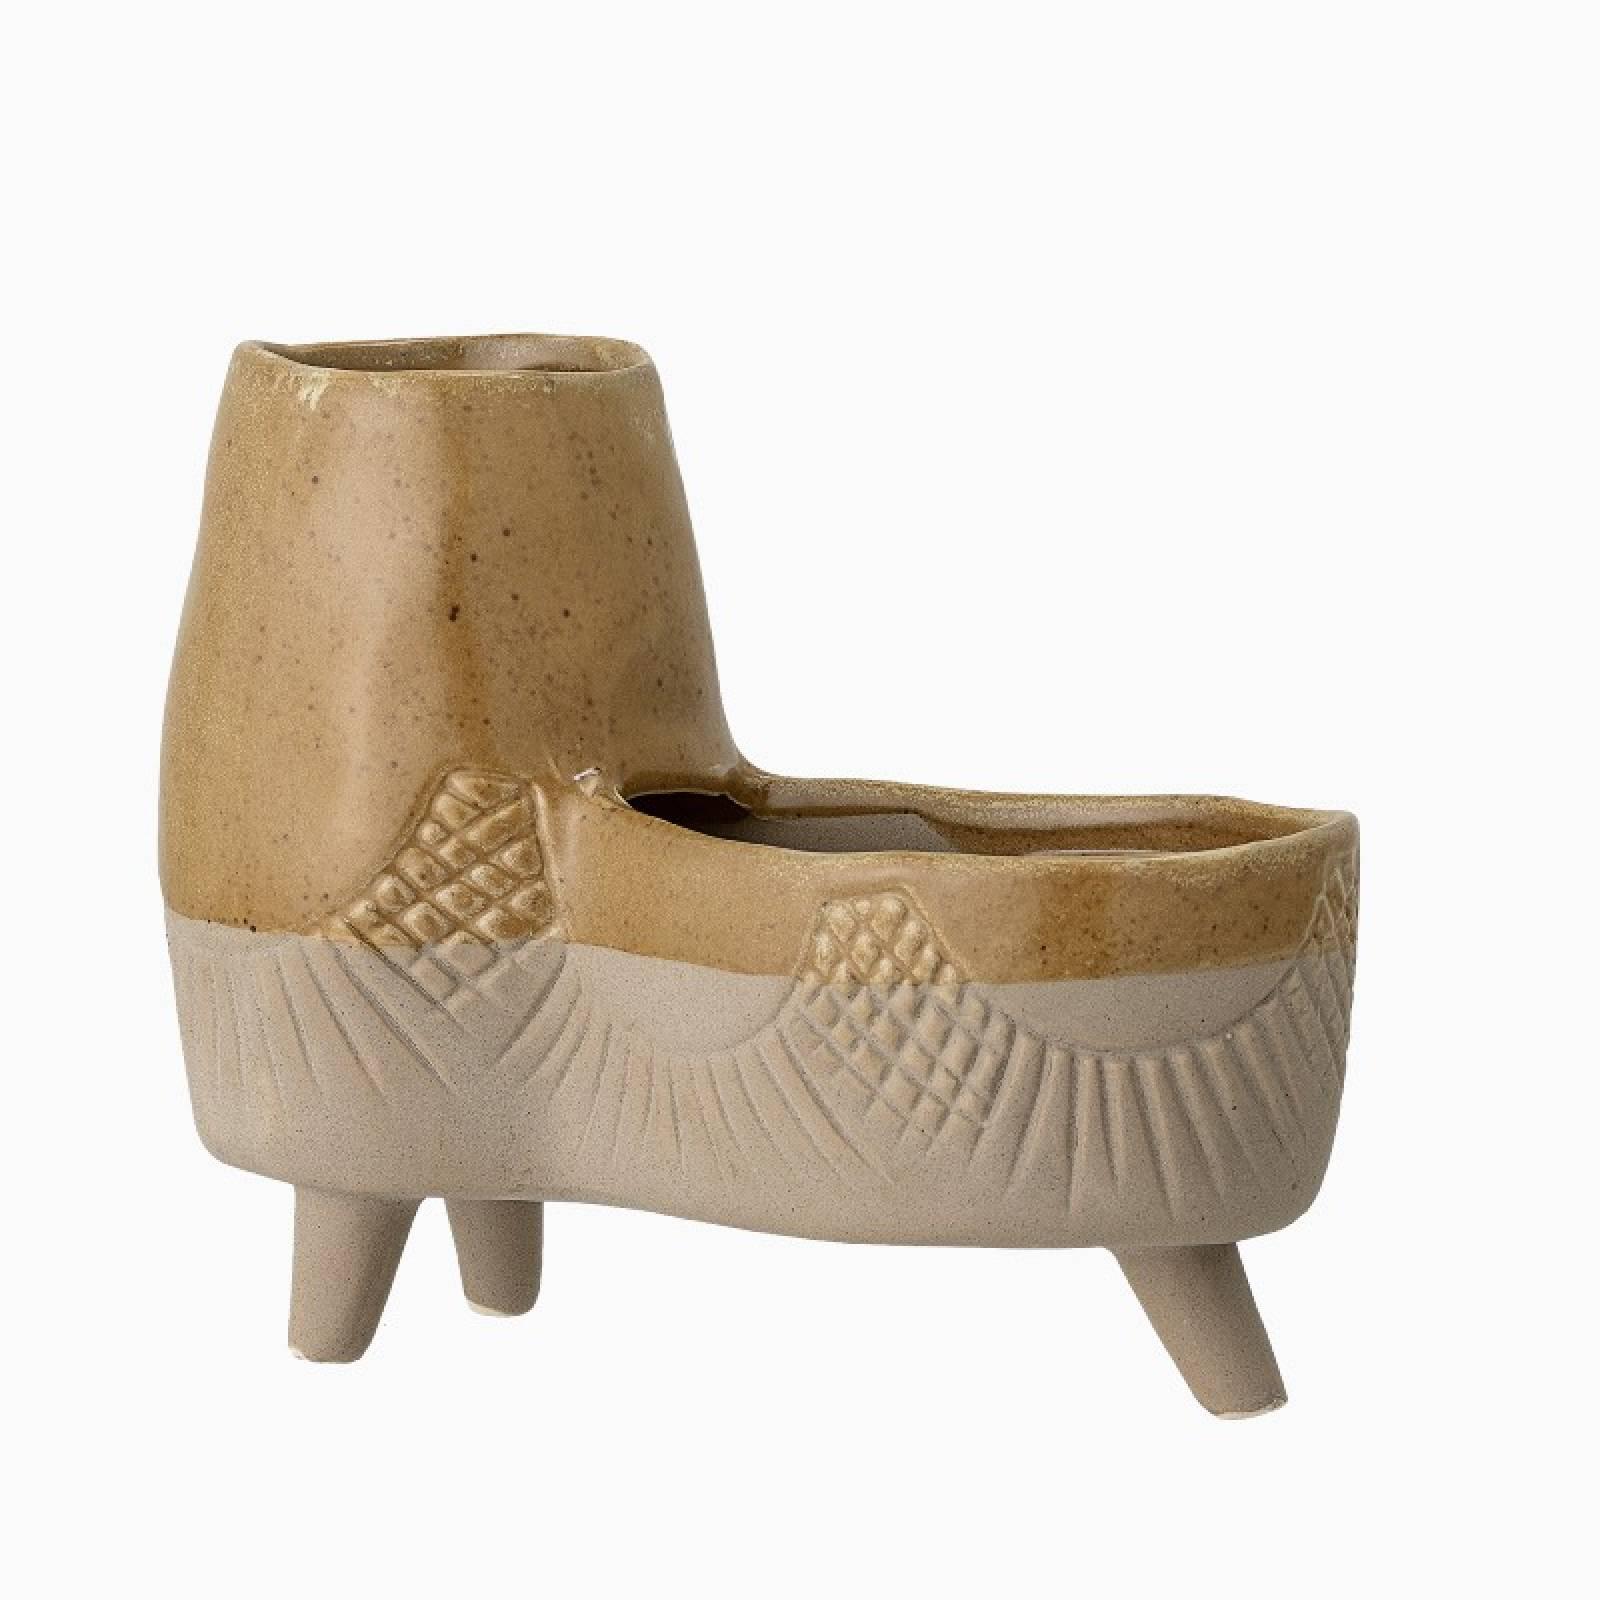 Double Two Tone Stoneware Yellow Flower Pot On Legs thumbnails